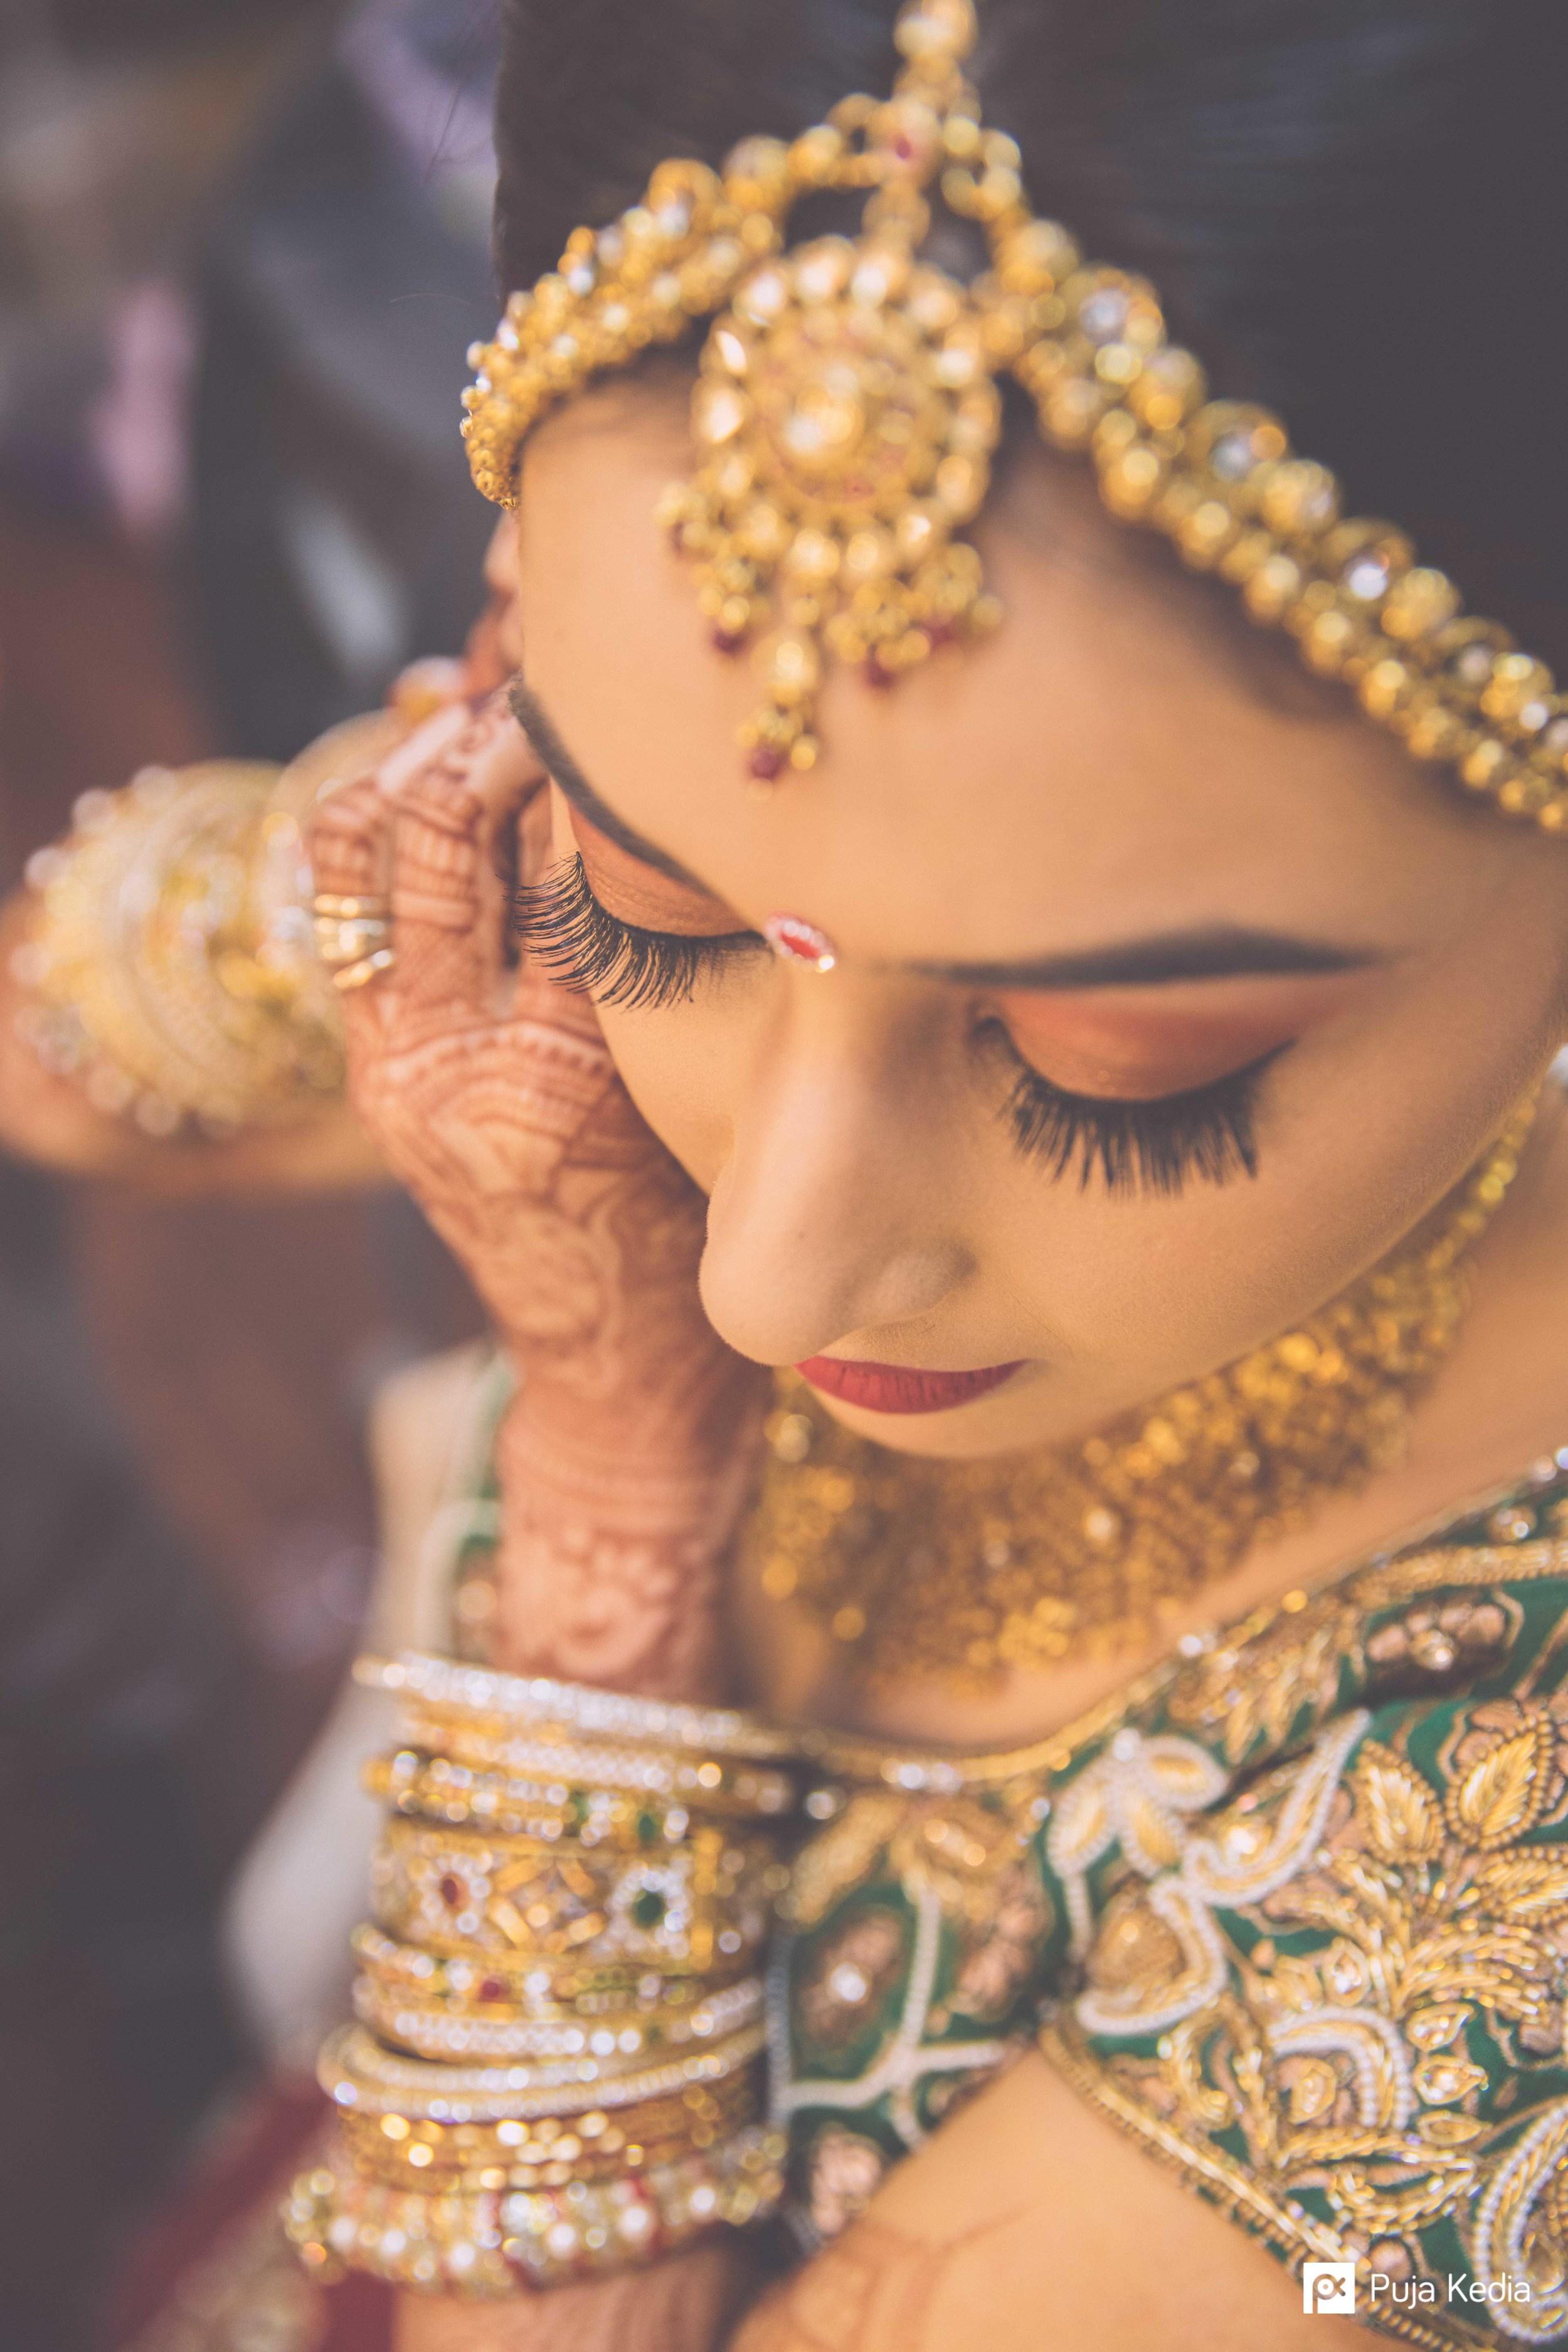 PujaKedia_WeddingPhotography-148.jpg